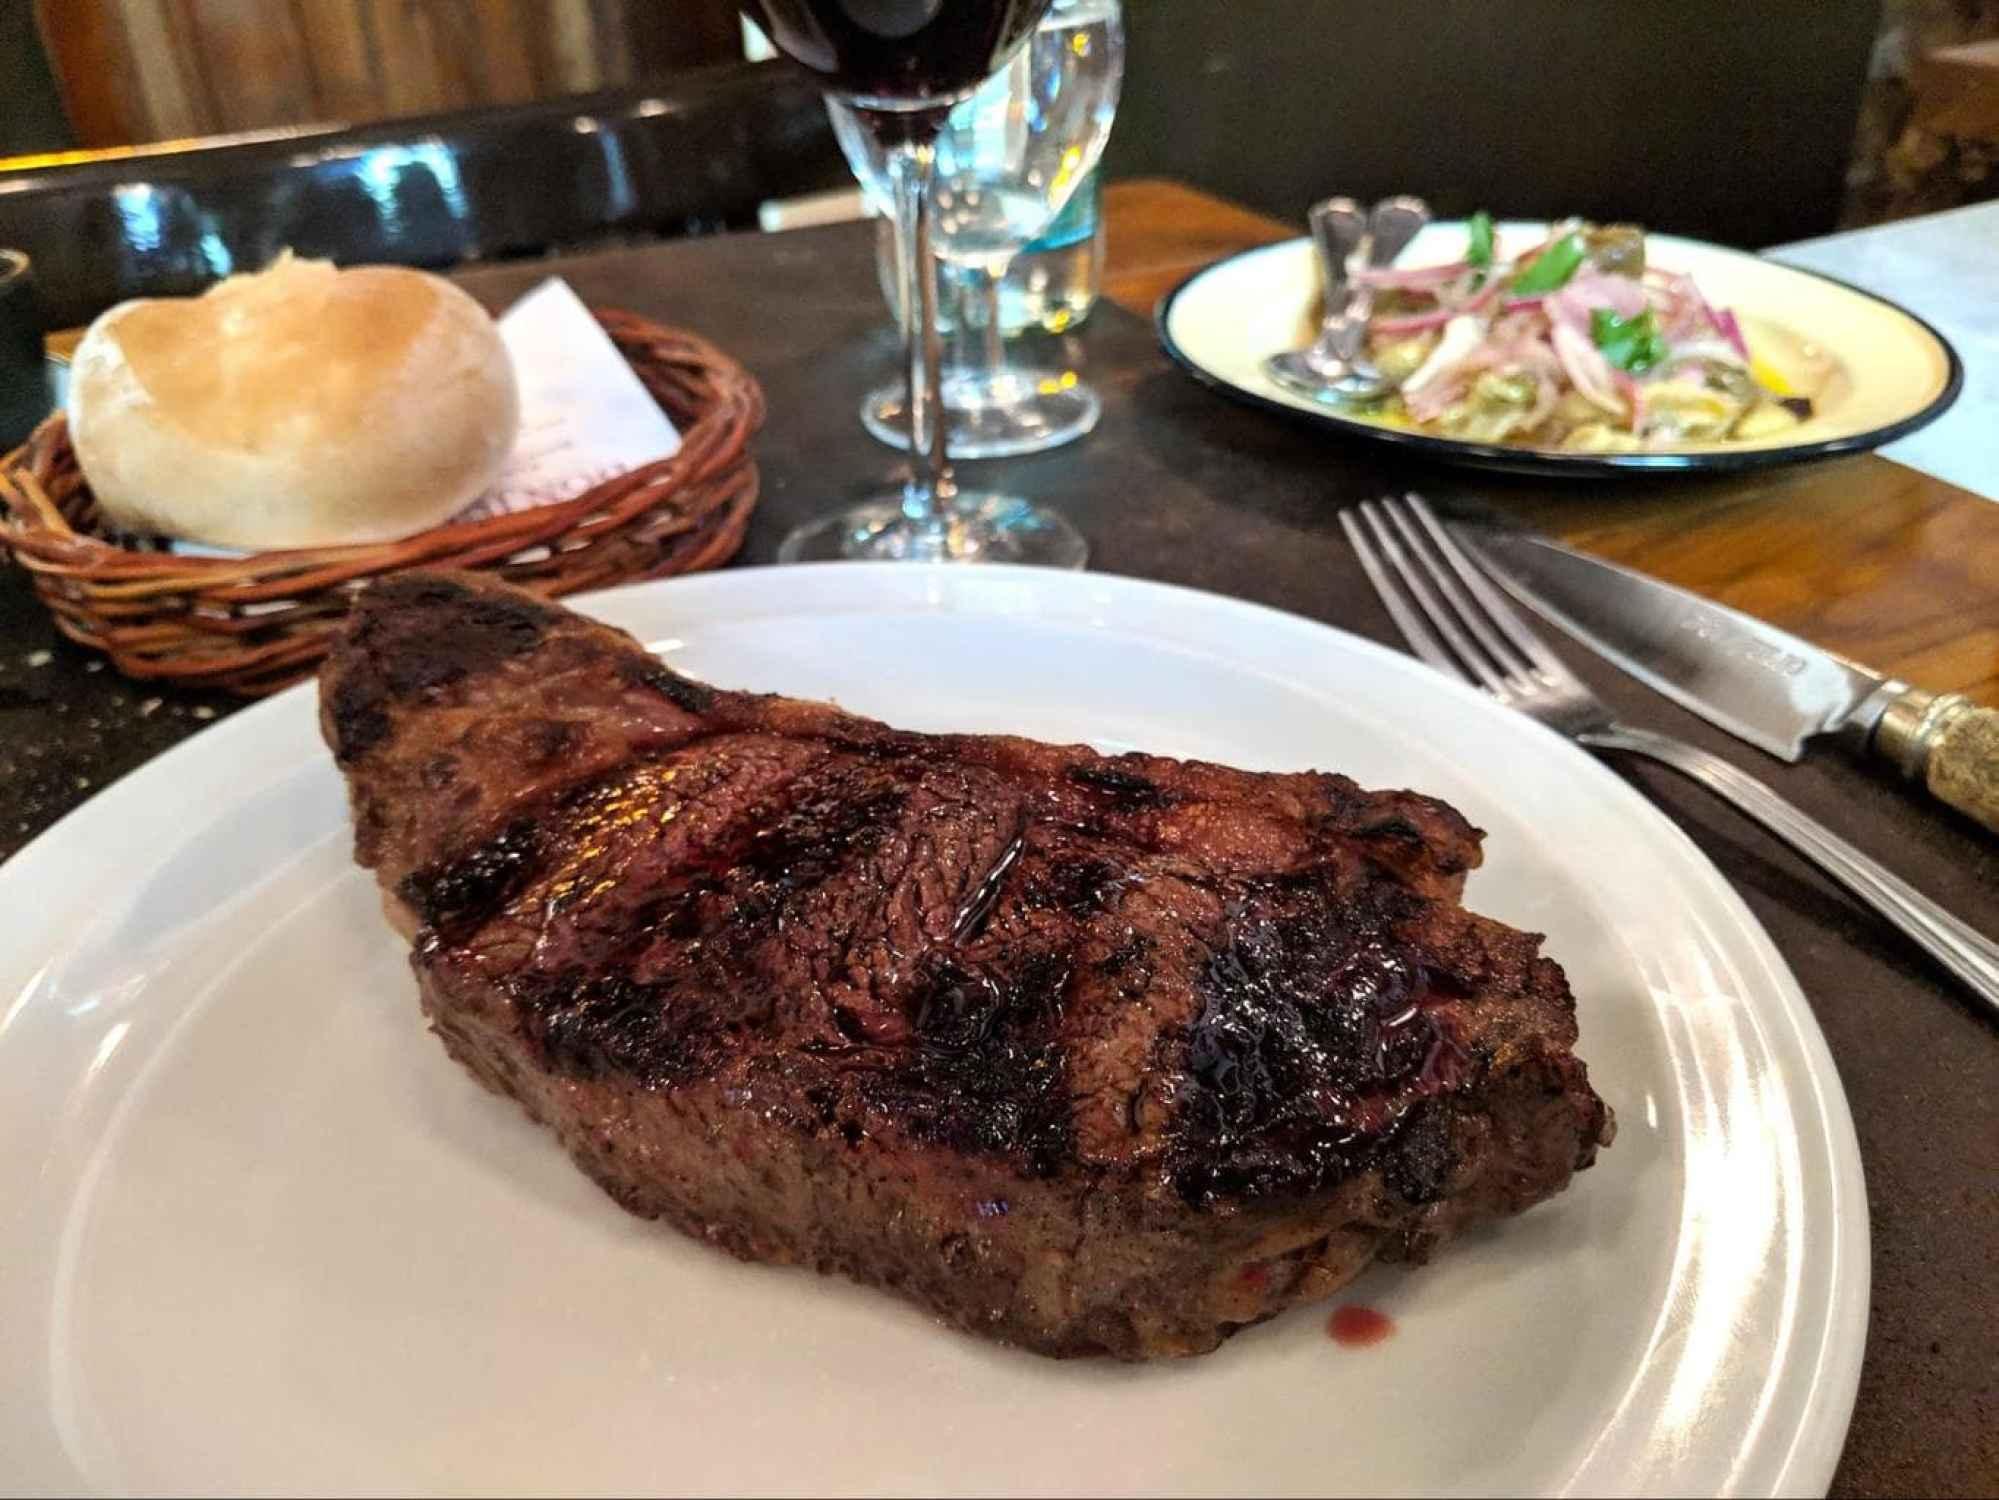 Carne asada - parrilla meat